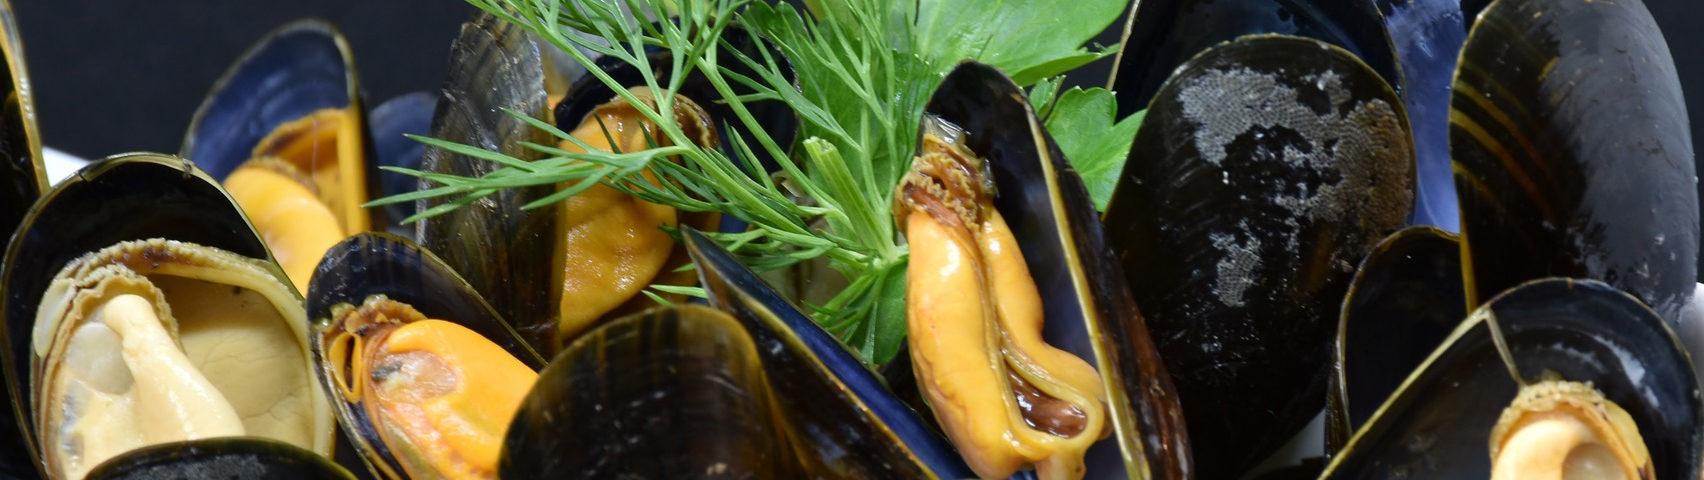 Muschelzeit Saison Tomatensauce Weißweinsauce_ ristorante lucchese ankum